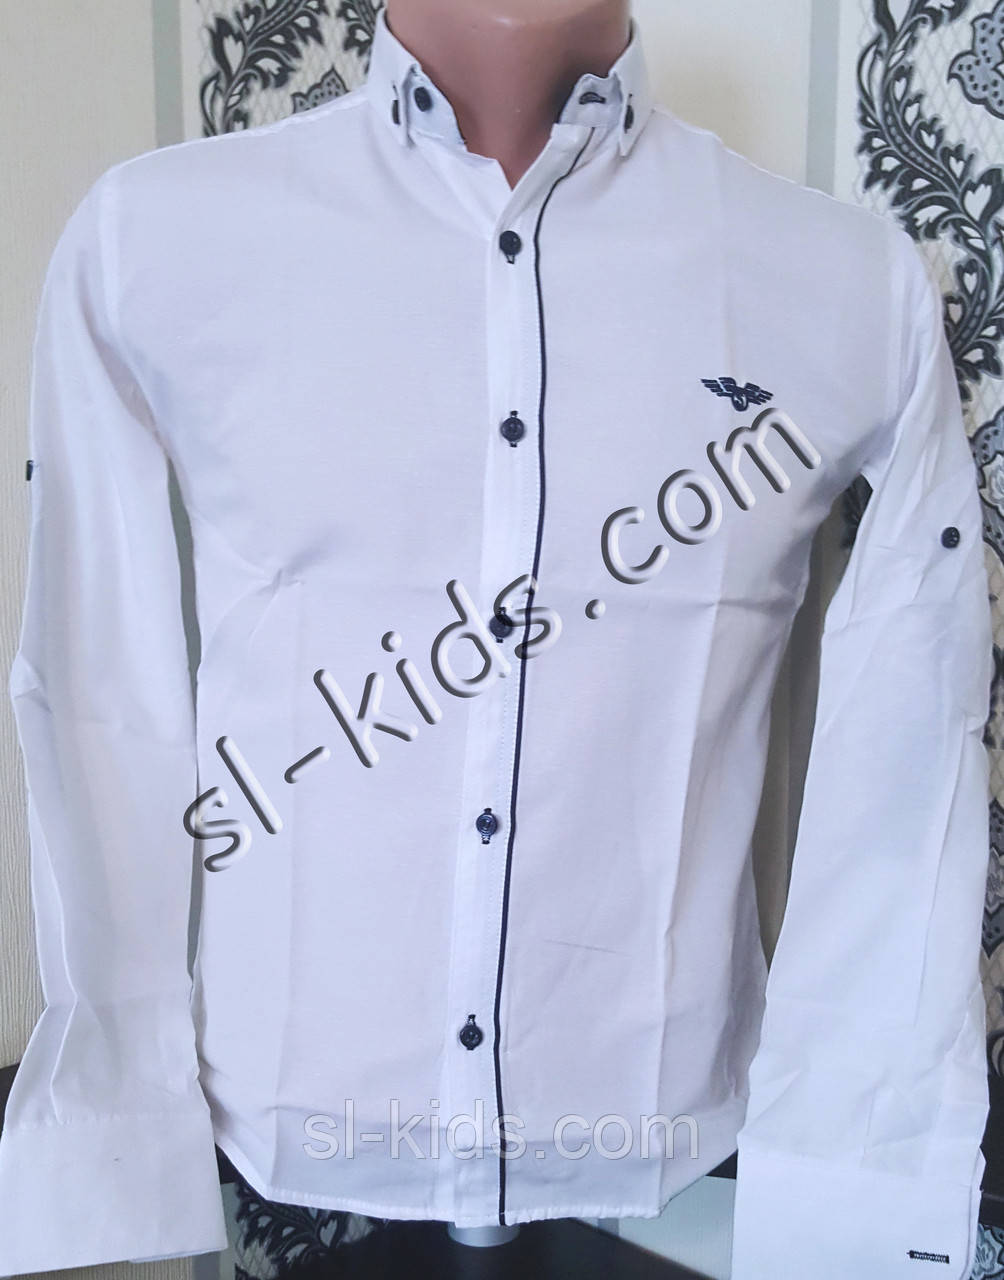 Стильна сорочка для хлопчика 134-158 см (опт) (біла 04) (пр. Туреччина)